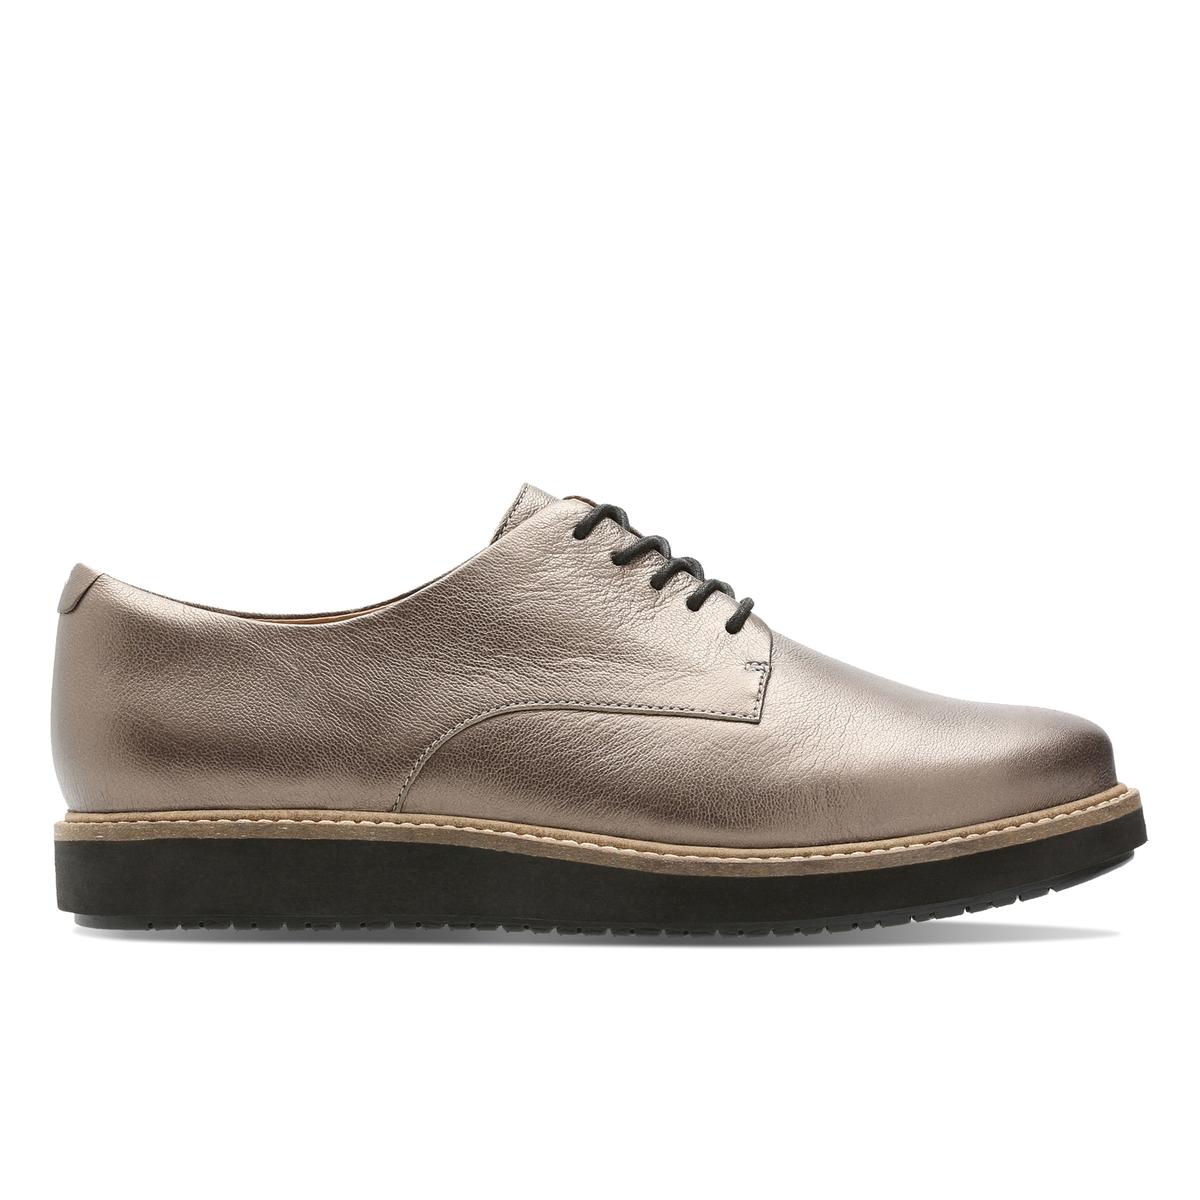 Ботинки-дерби кожаные Glick Darby ботинки дерби кожаные